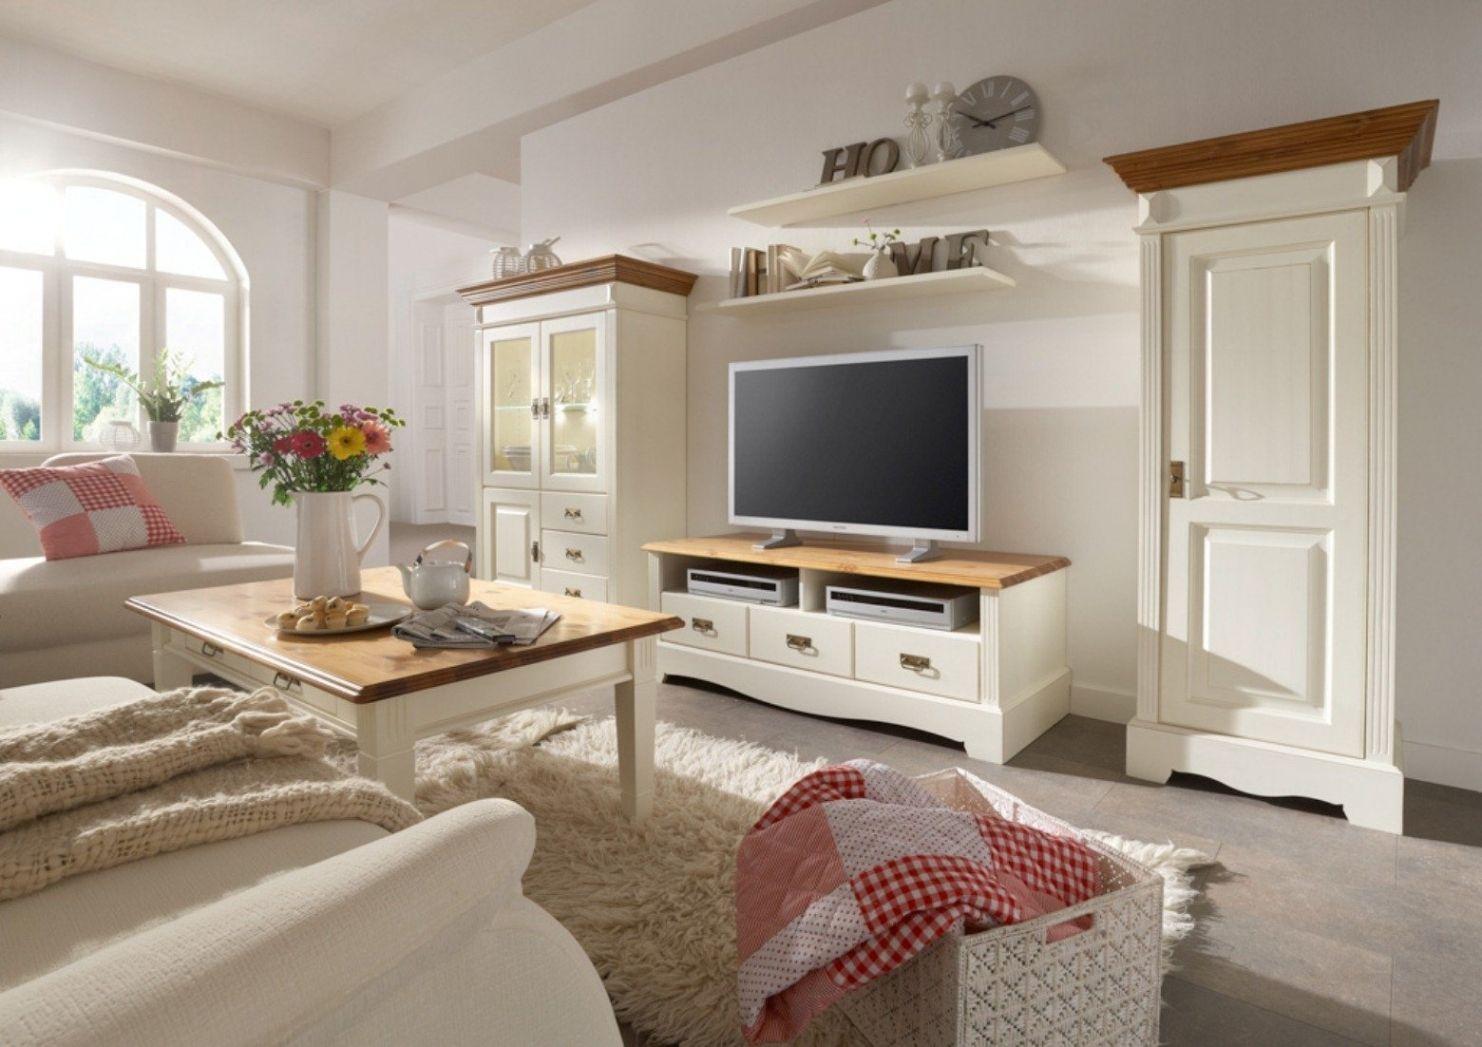 Elegante Wohnzimmer ~ Ehrfürchtig landhausmöbel wohnzimmer wohnzimmer deko